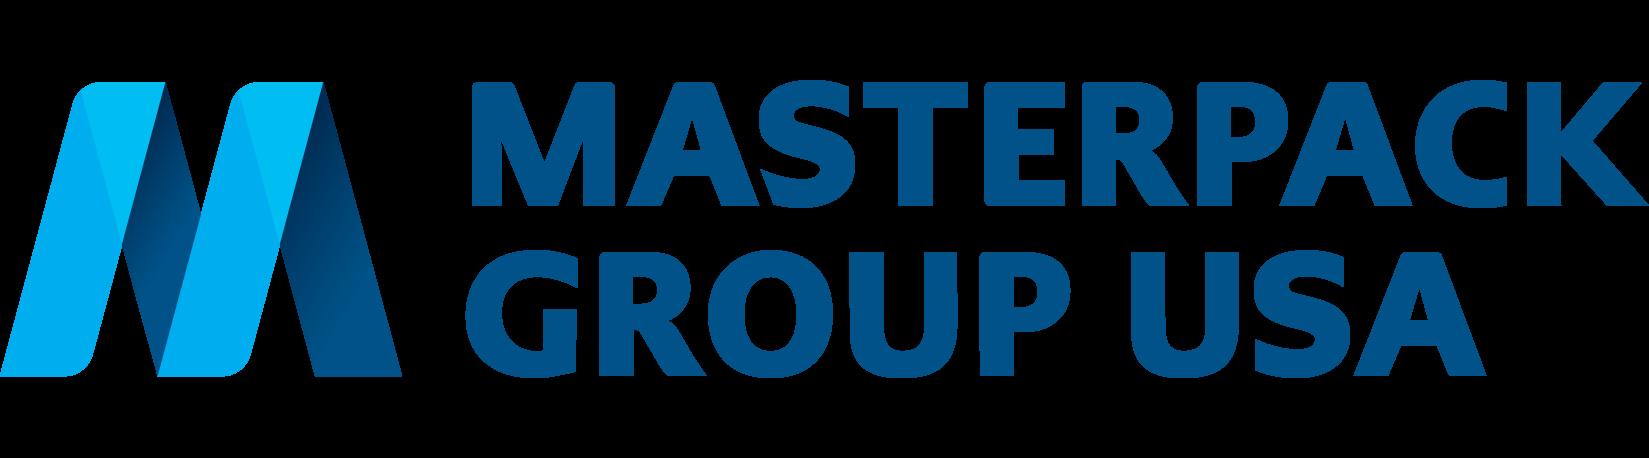 Masterpack USA logo CMYK